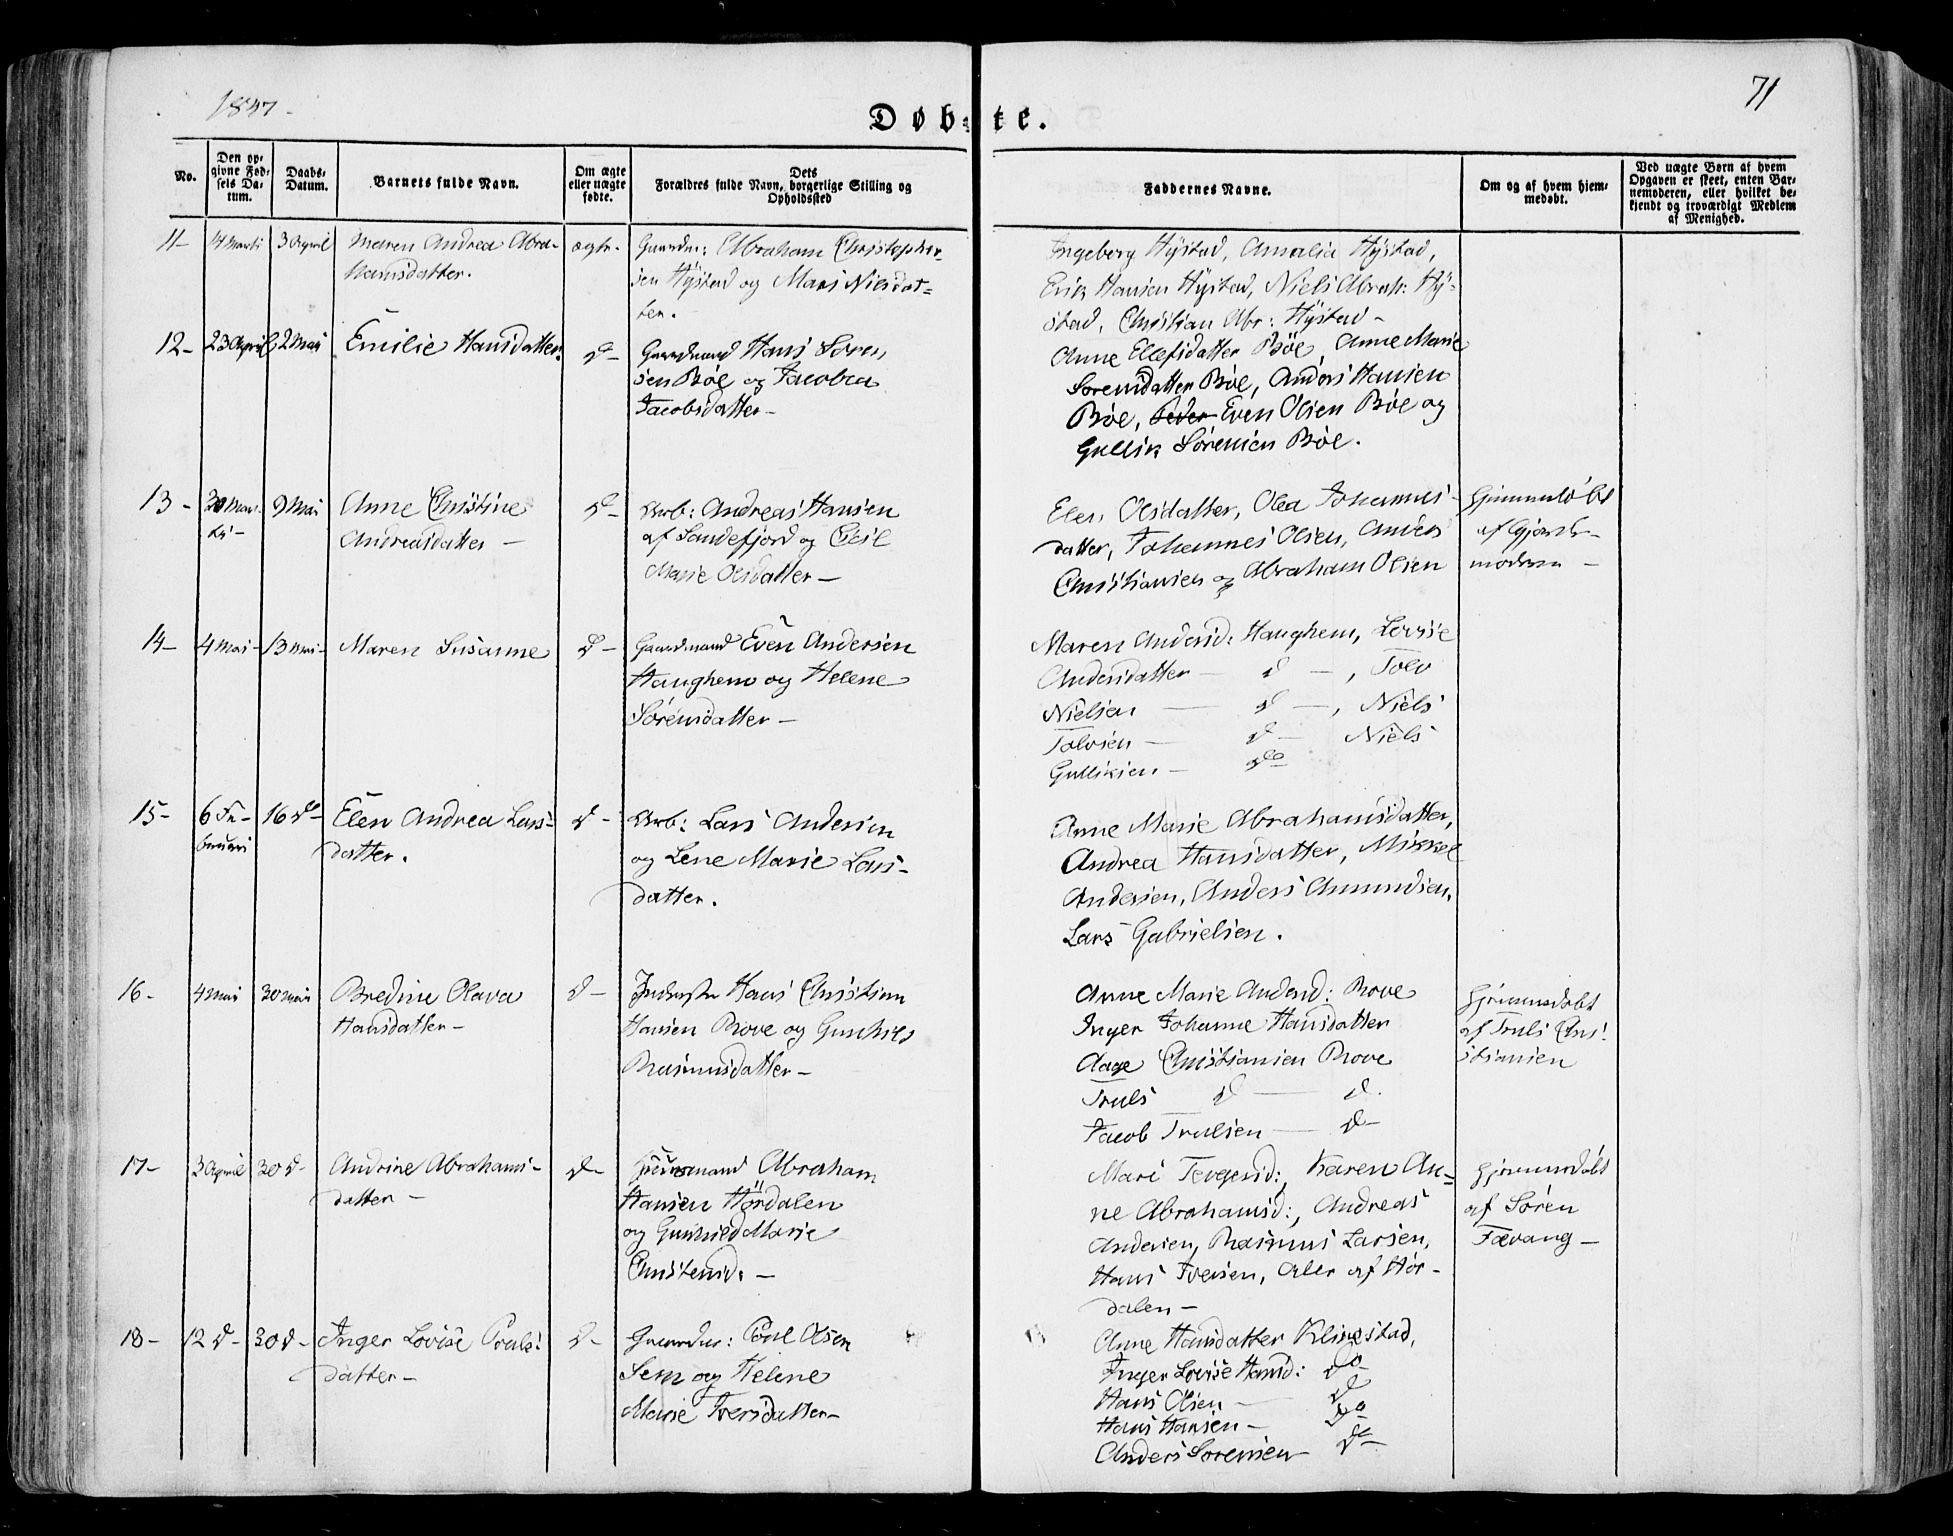 SAKO, Sandar kirkebøker, F/Fa/L0006: Ministerialbok nr. 6, 1847-1860, s. 71